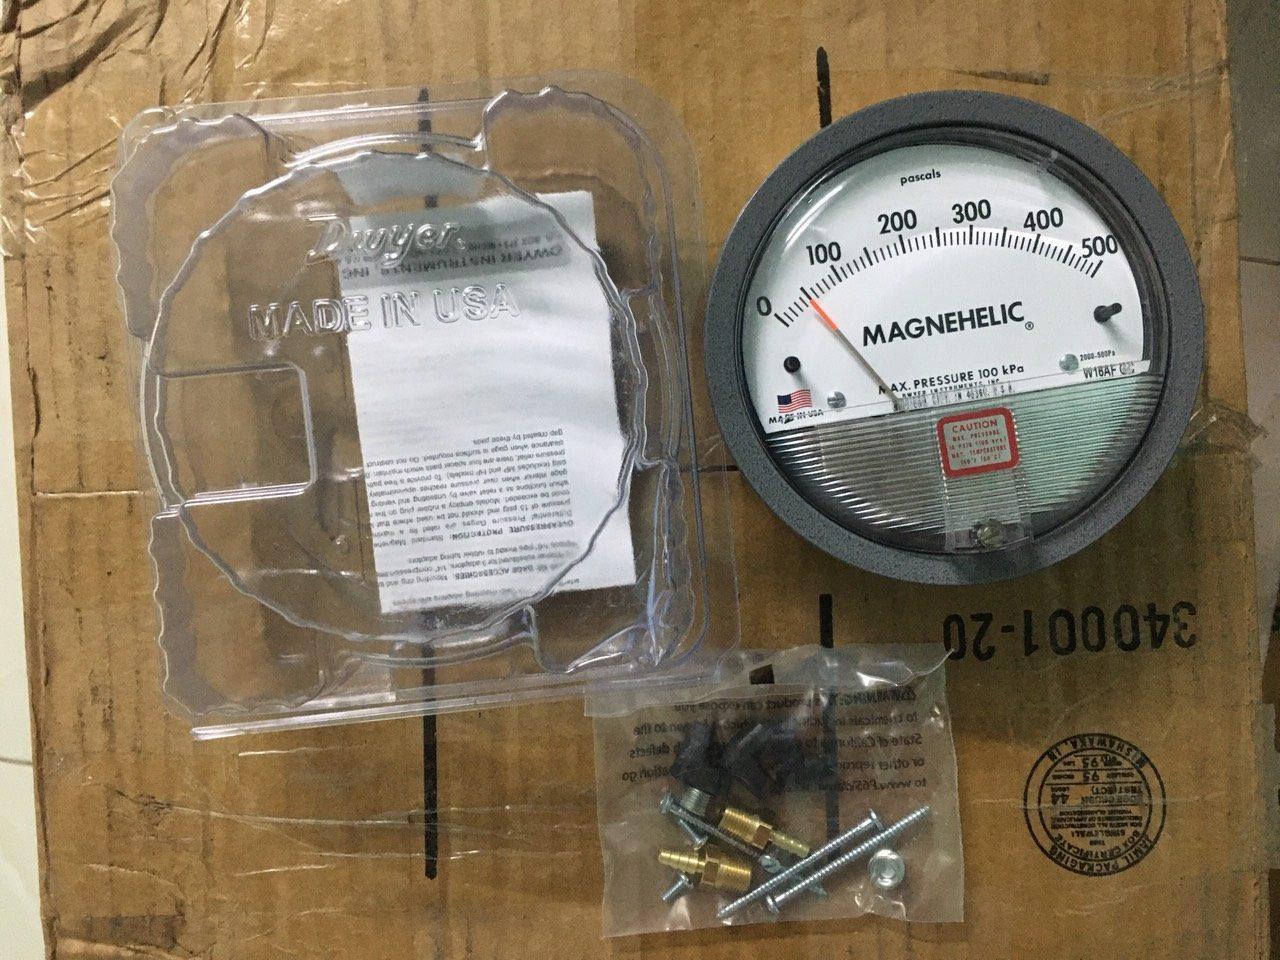 Đồng hồ chênh áp 2000-500Pa